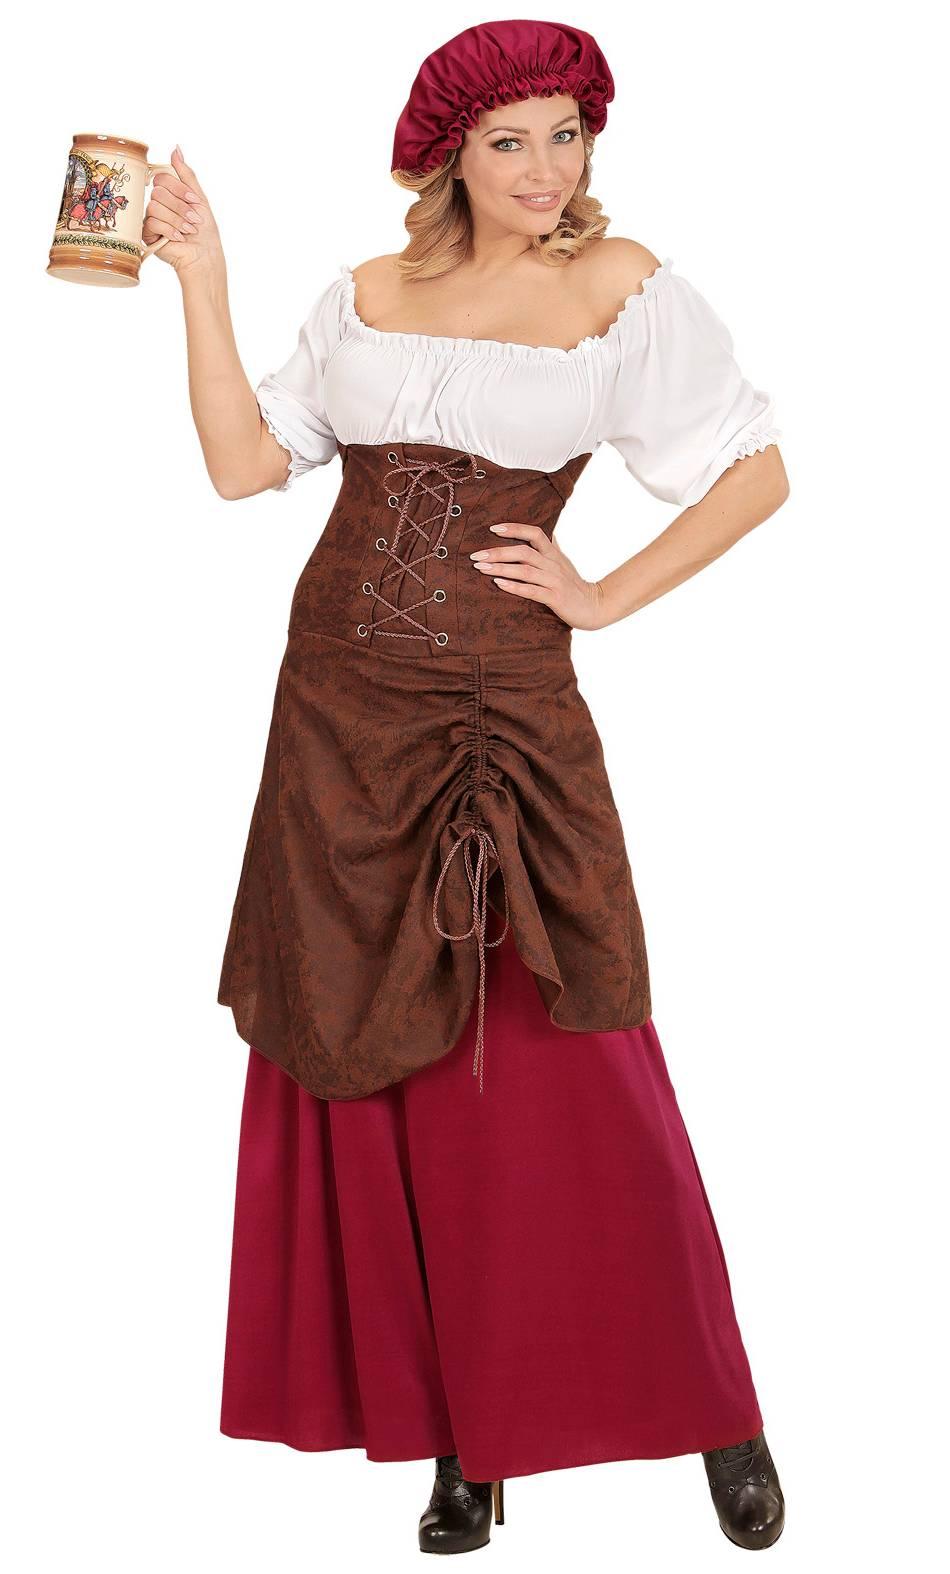 Costume-de-paysanne-du-Moyen-Âge